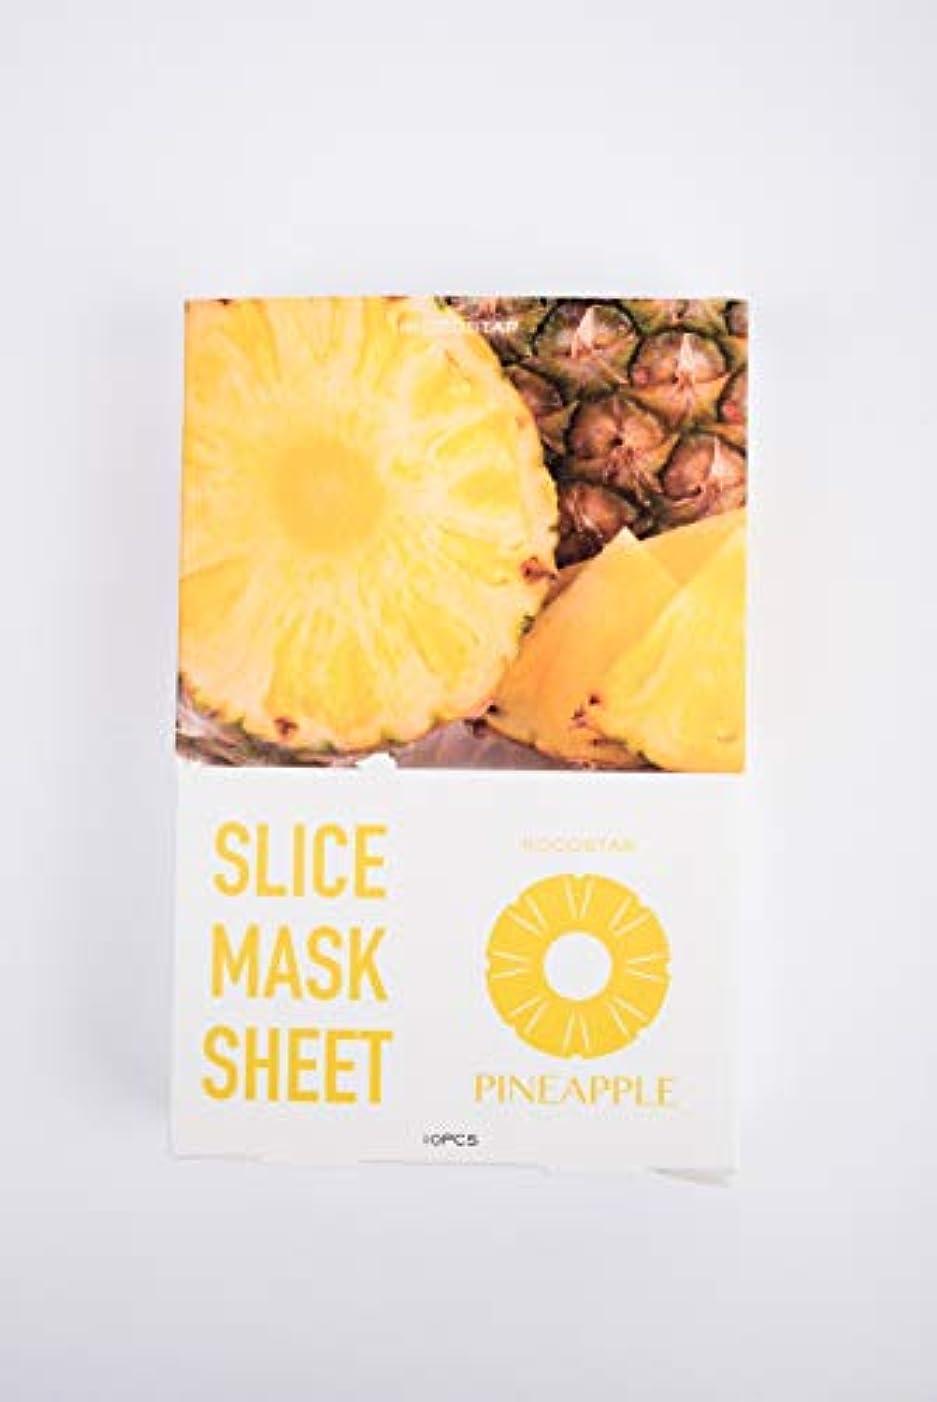 トマト作成者分析するKOCOSTAR Slice Mask Sheet - Pineapple 10sheets並行輸入品